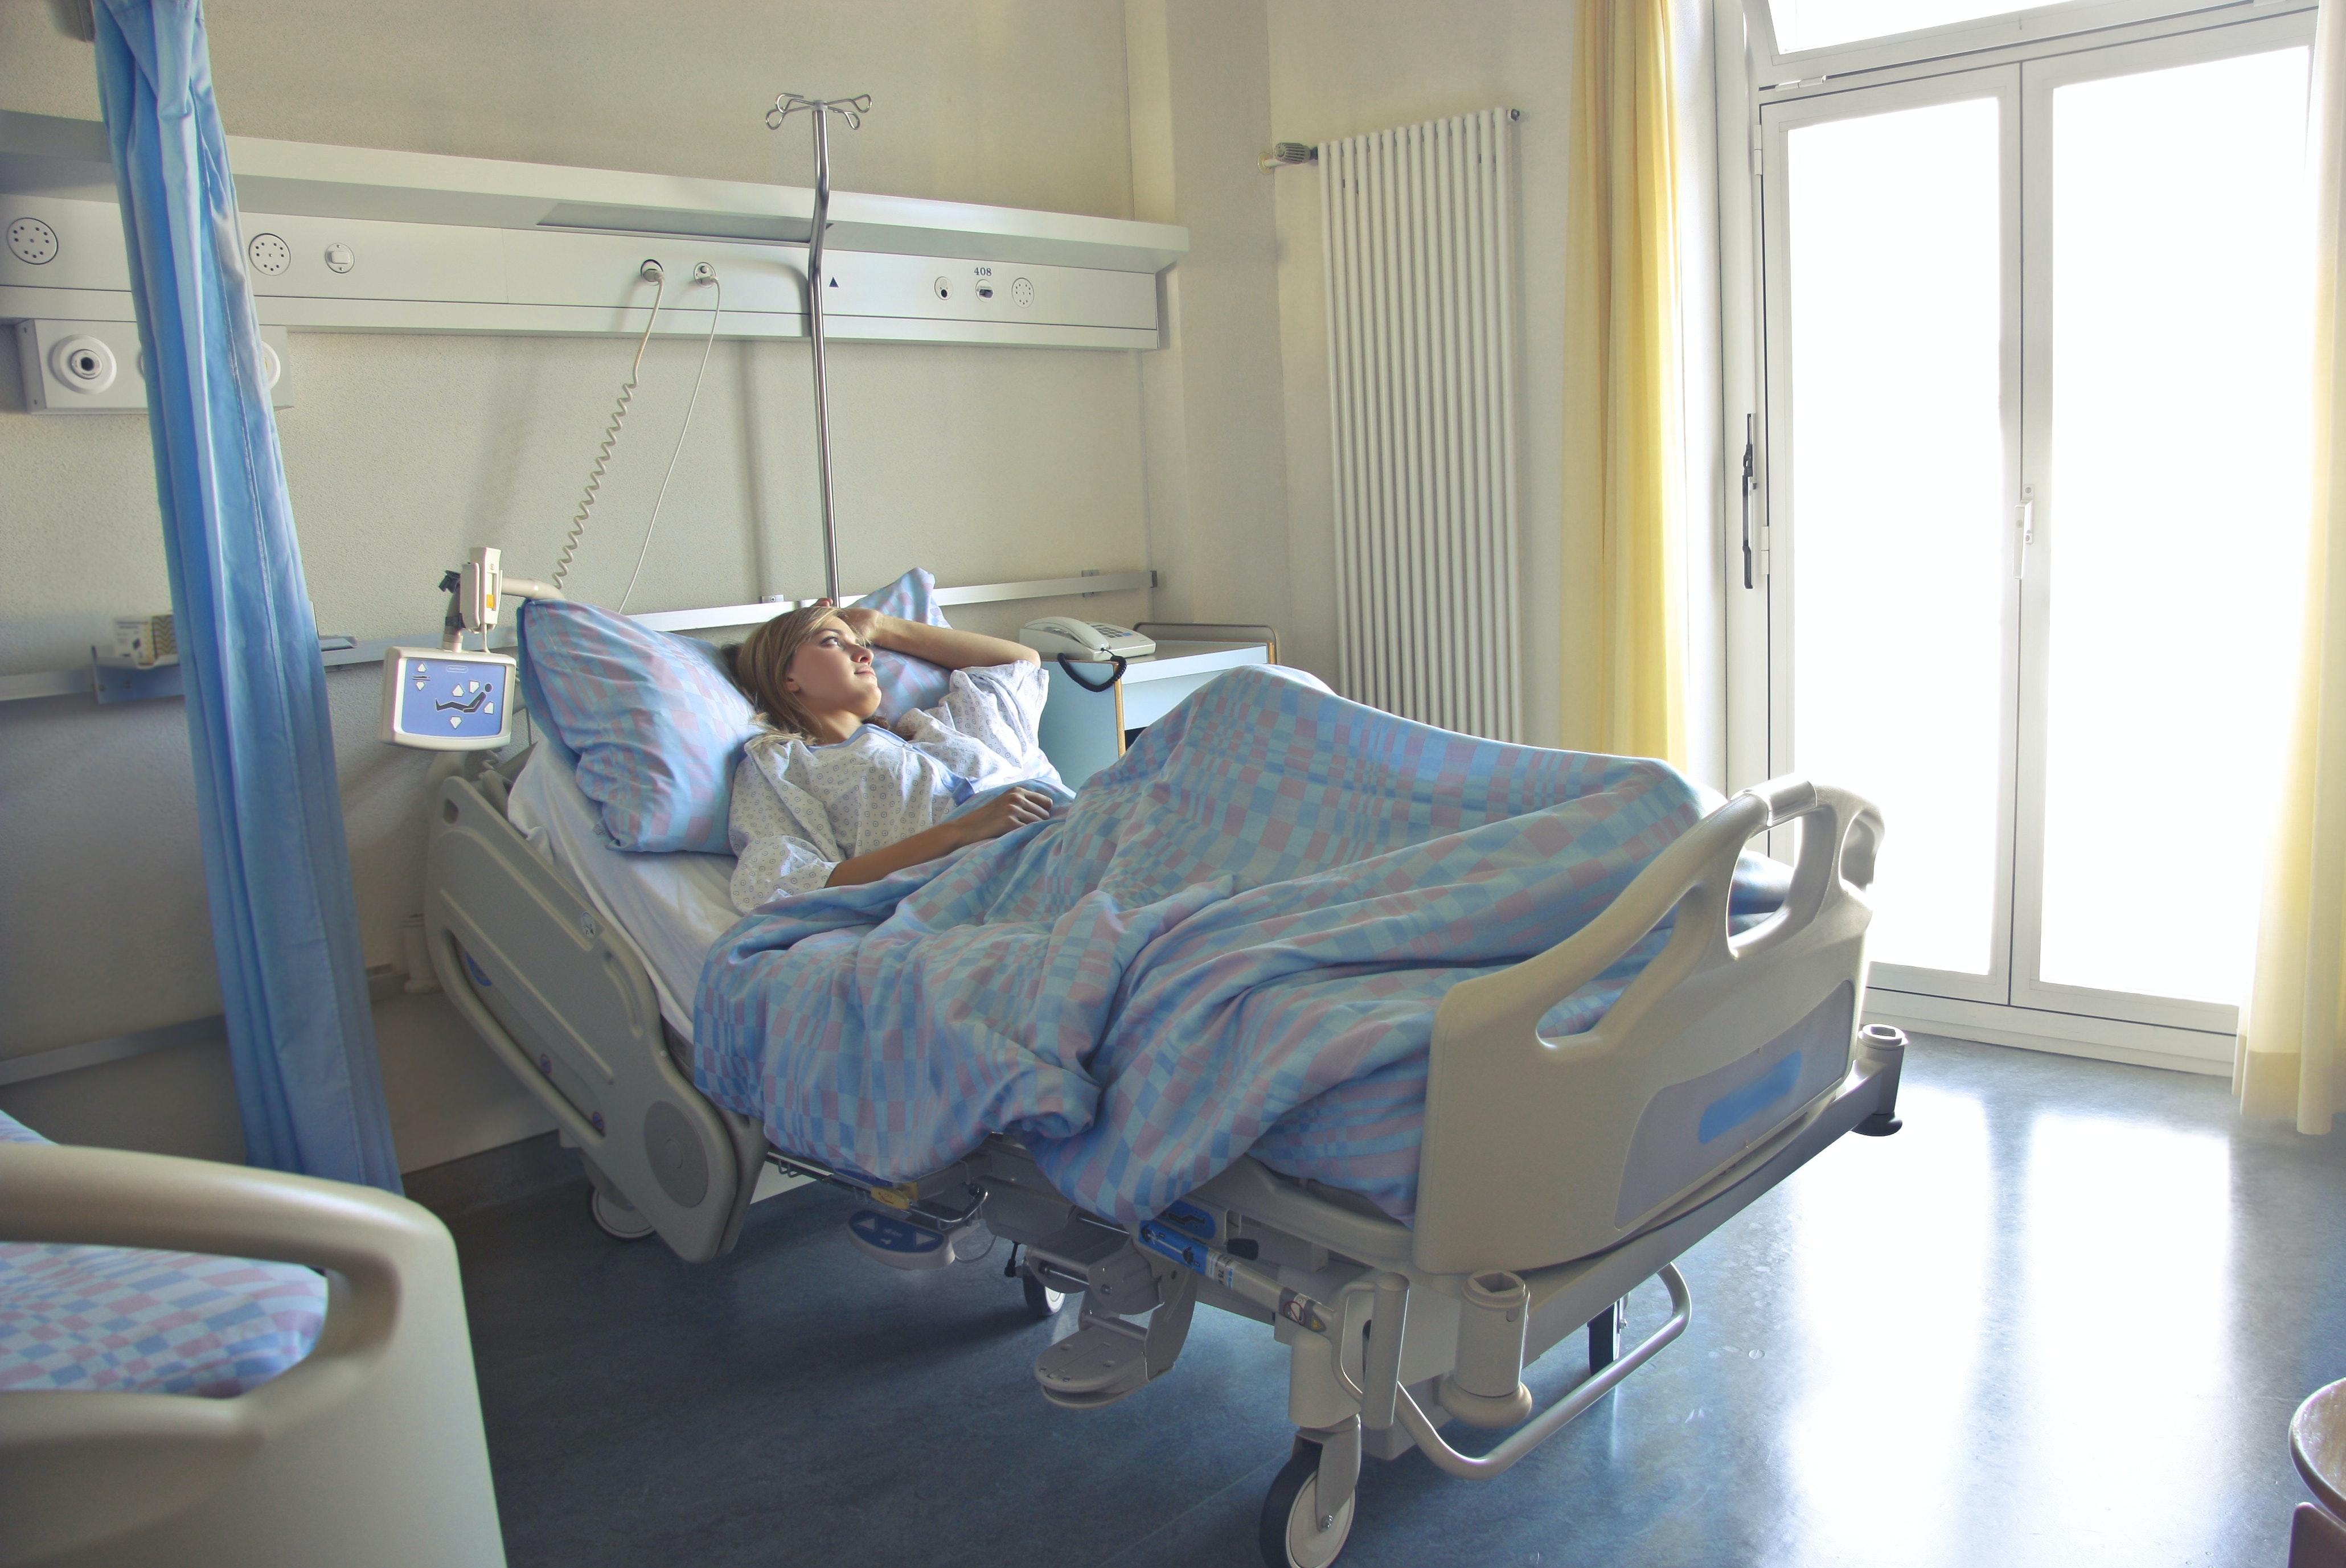 WHO ujawniło jak długo zakażeni wracają do zdrowia. Niepokojące liczby